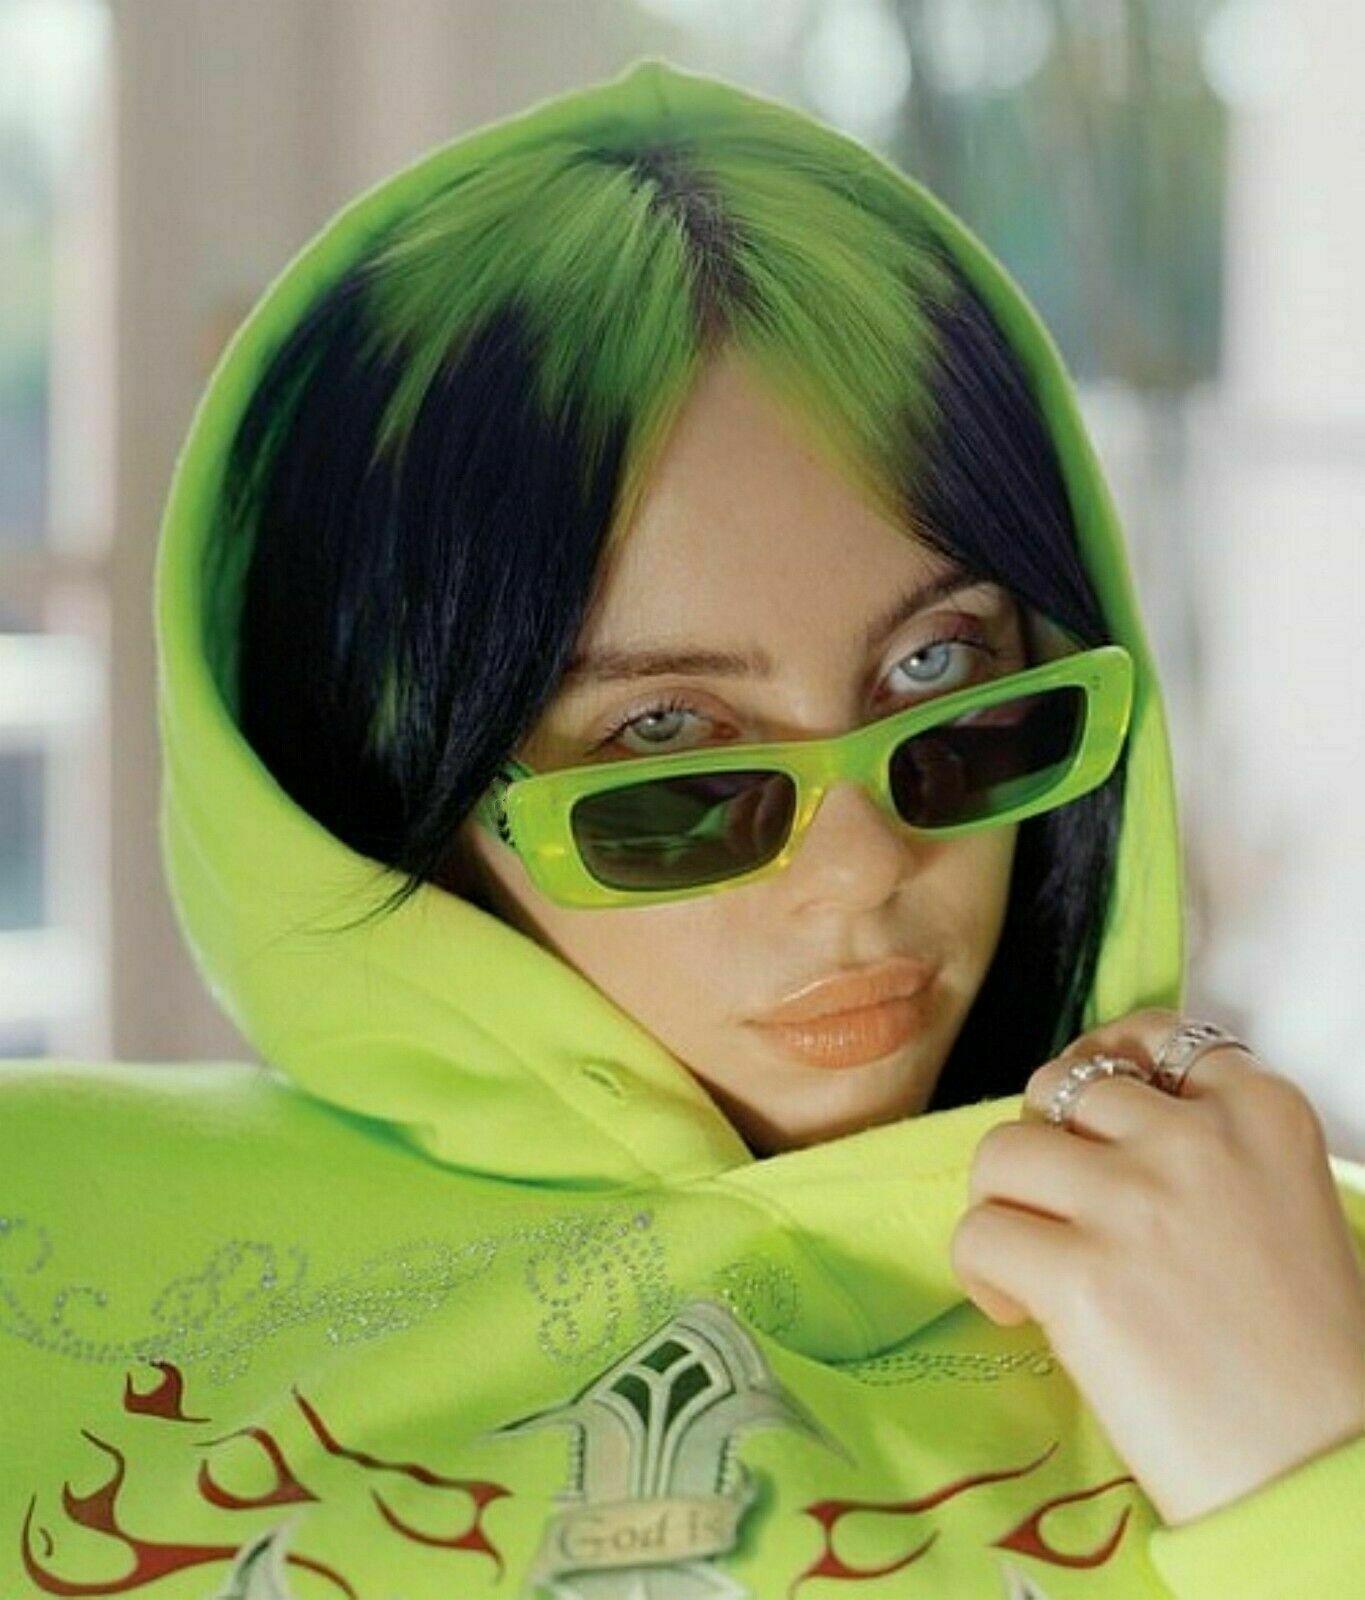 편광 0516 여성을위한 선글라스 특별 UV 보호 여성 디자이너 빈티지 작은 사각형 프레임 6952S 유니섹스 선글라스 최고 품질